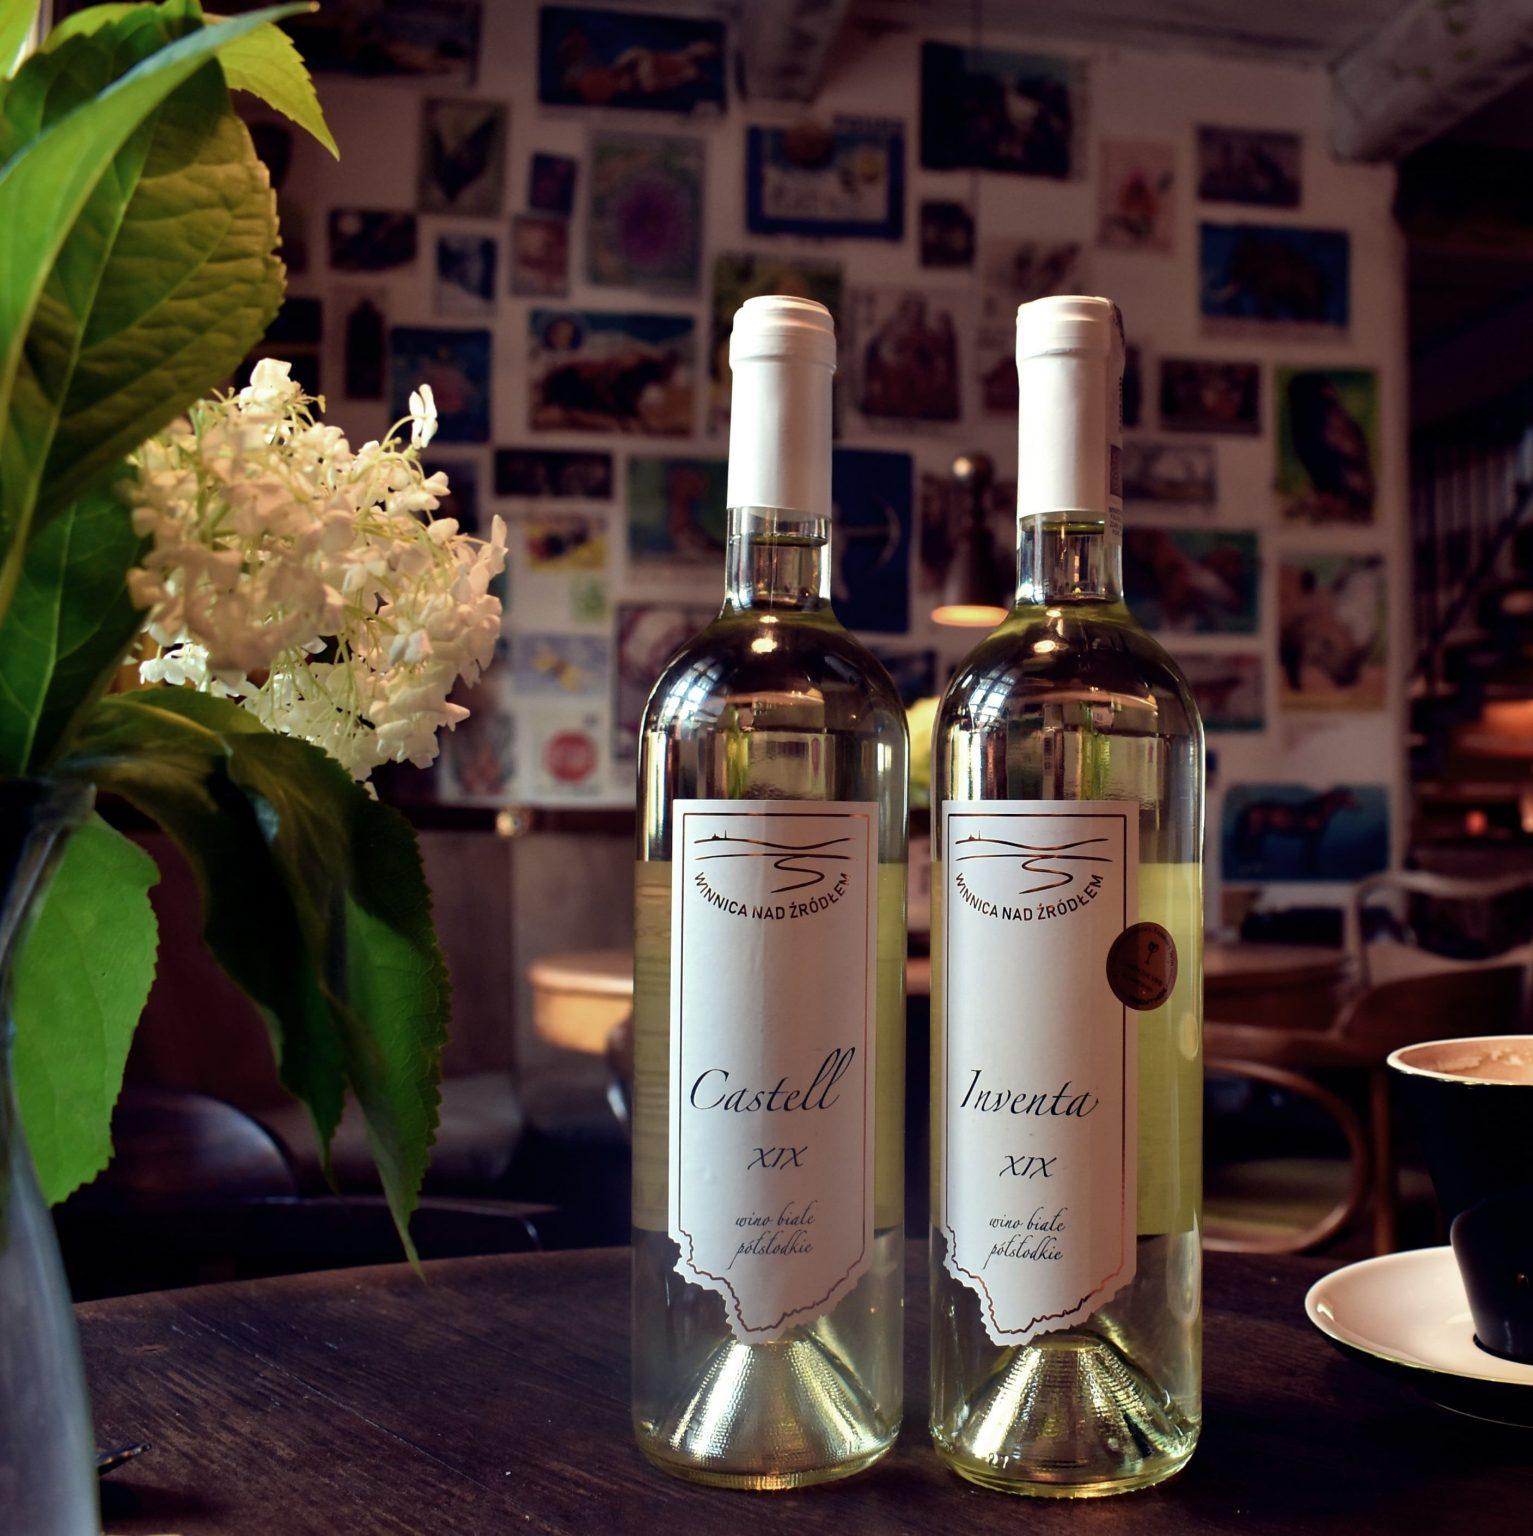 Winnica nad żródłem - wina arka